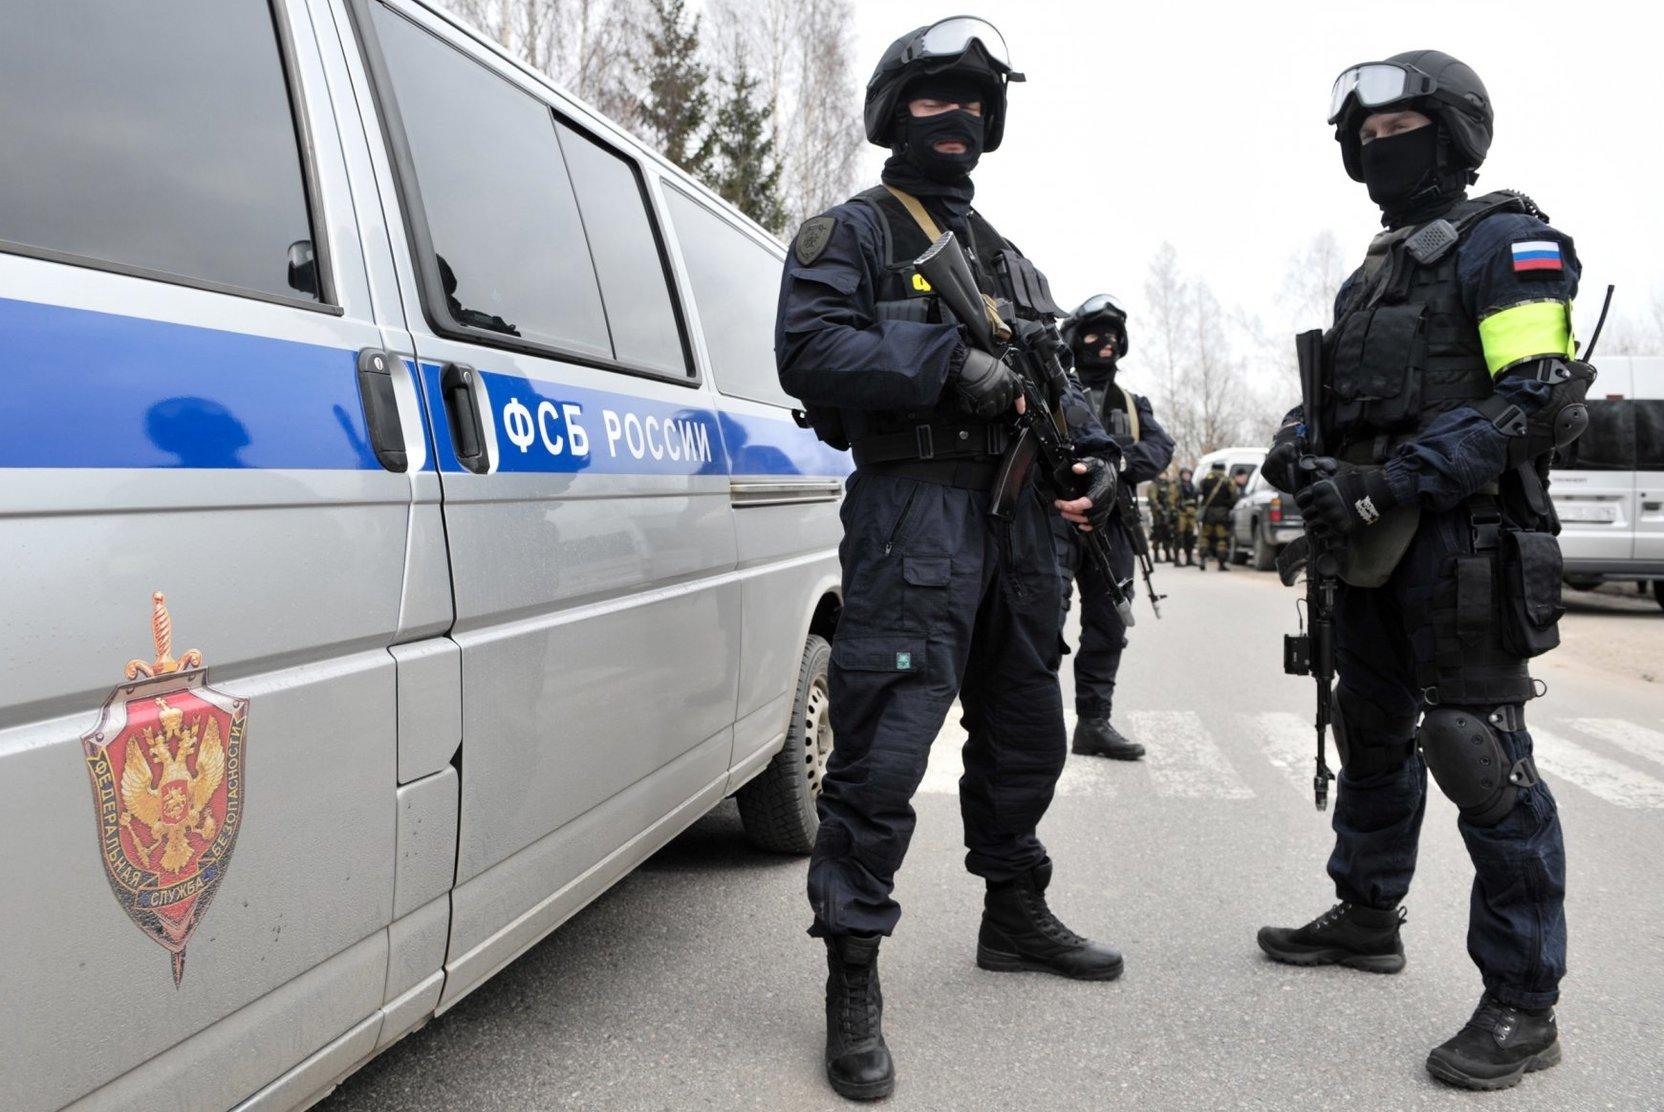 ФСБ задержала в Саратове 14 членов украинской радикальной группировки